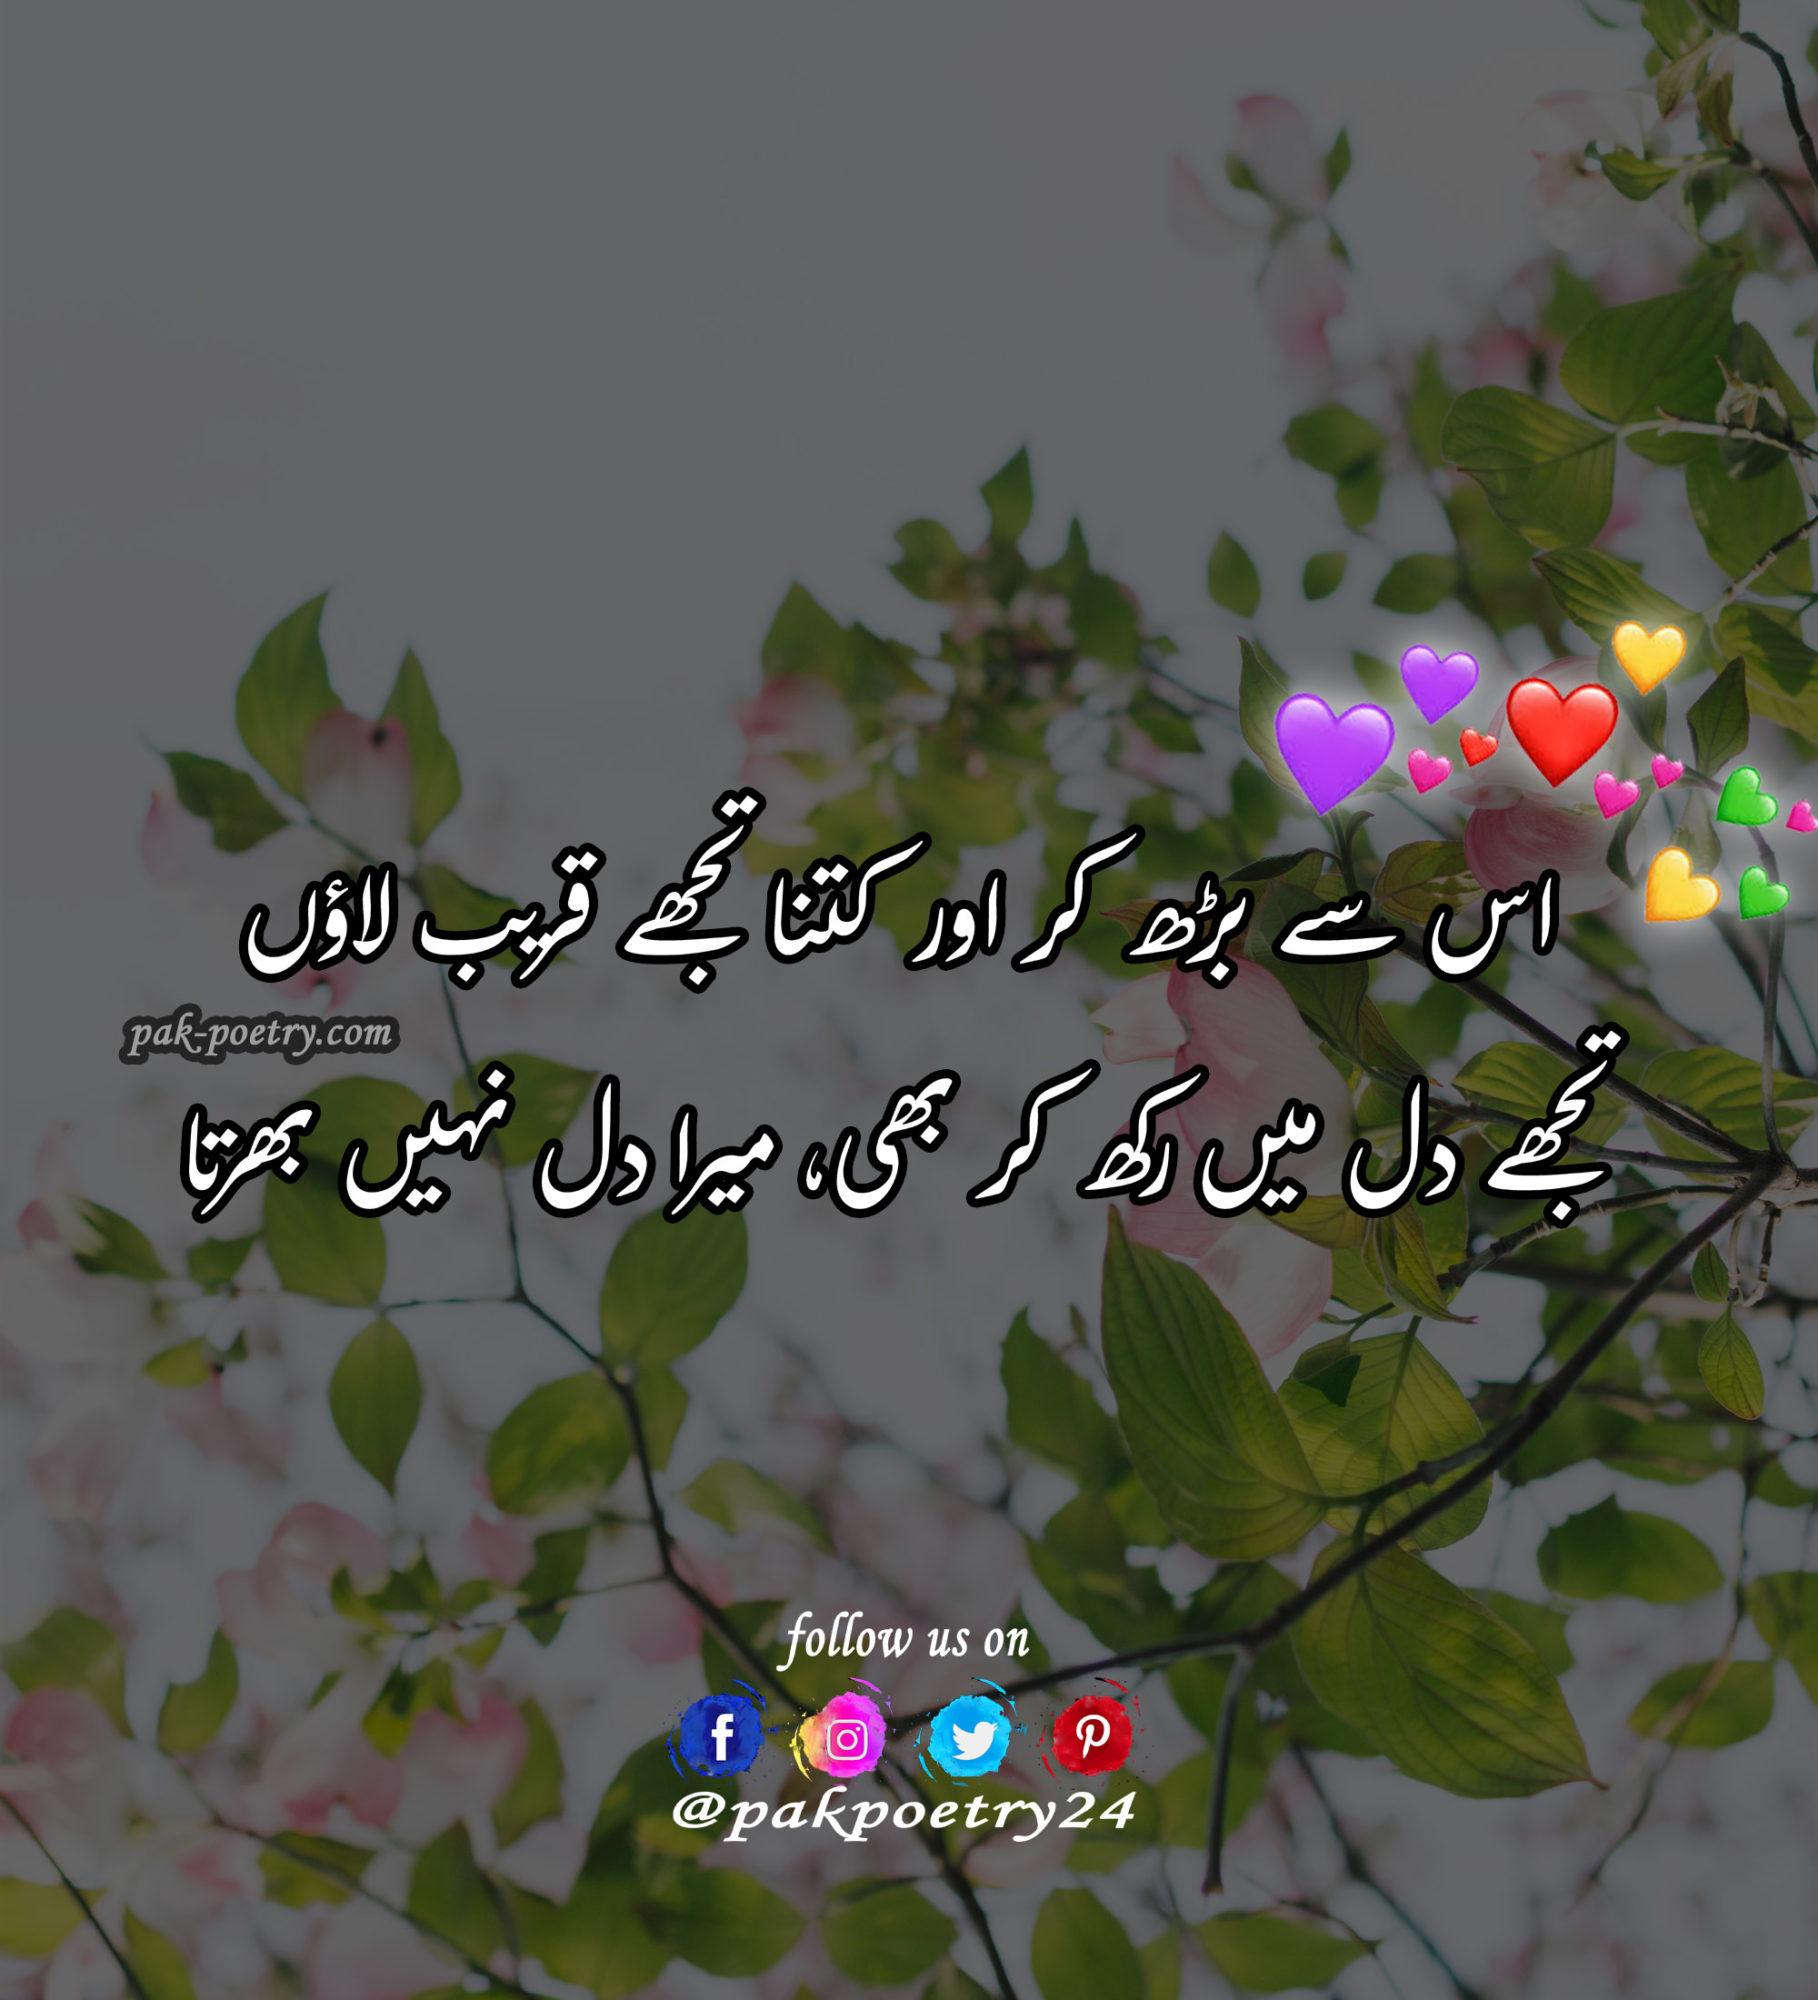 romantic poetry, urdu romantic poetry, romantic pics poetry, romantic love poetry, romantic poetry pics, Love poetry, love poetry in urdu, love poetry urdu, urdu love poetry, poetry love, love poetry pics, love poetries, lovepoetry, Poetry in urdu, urdu poetry, poetry urdu,